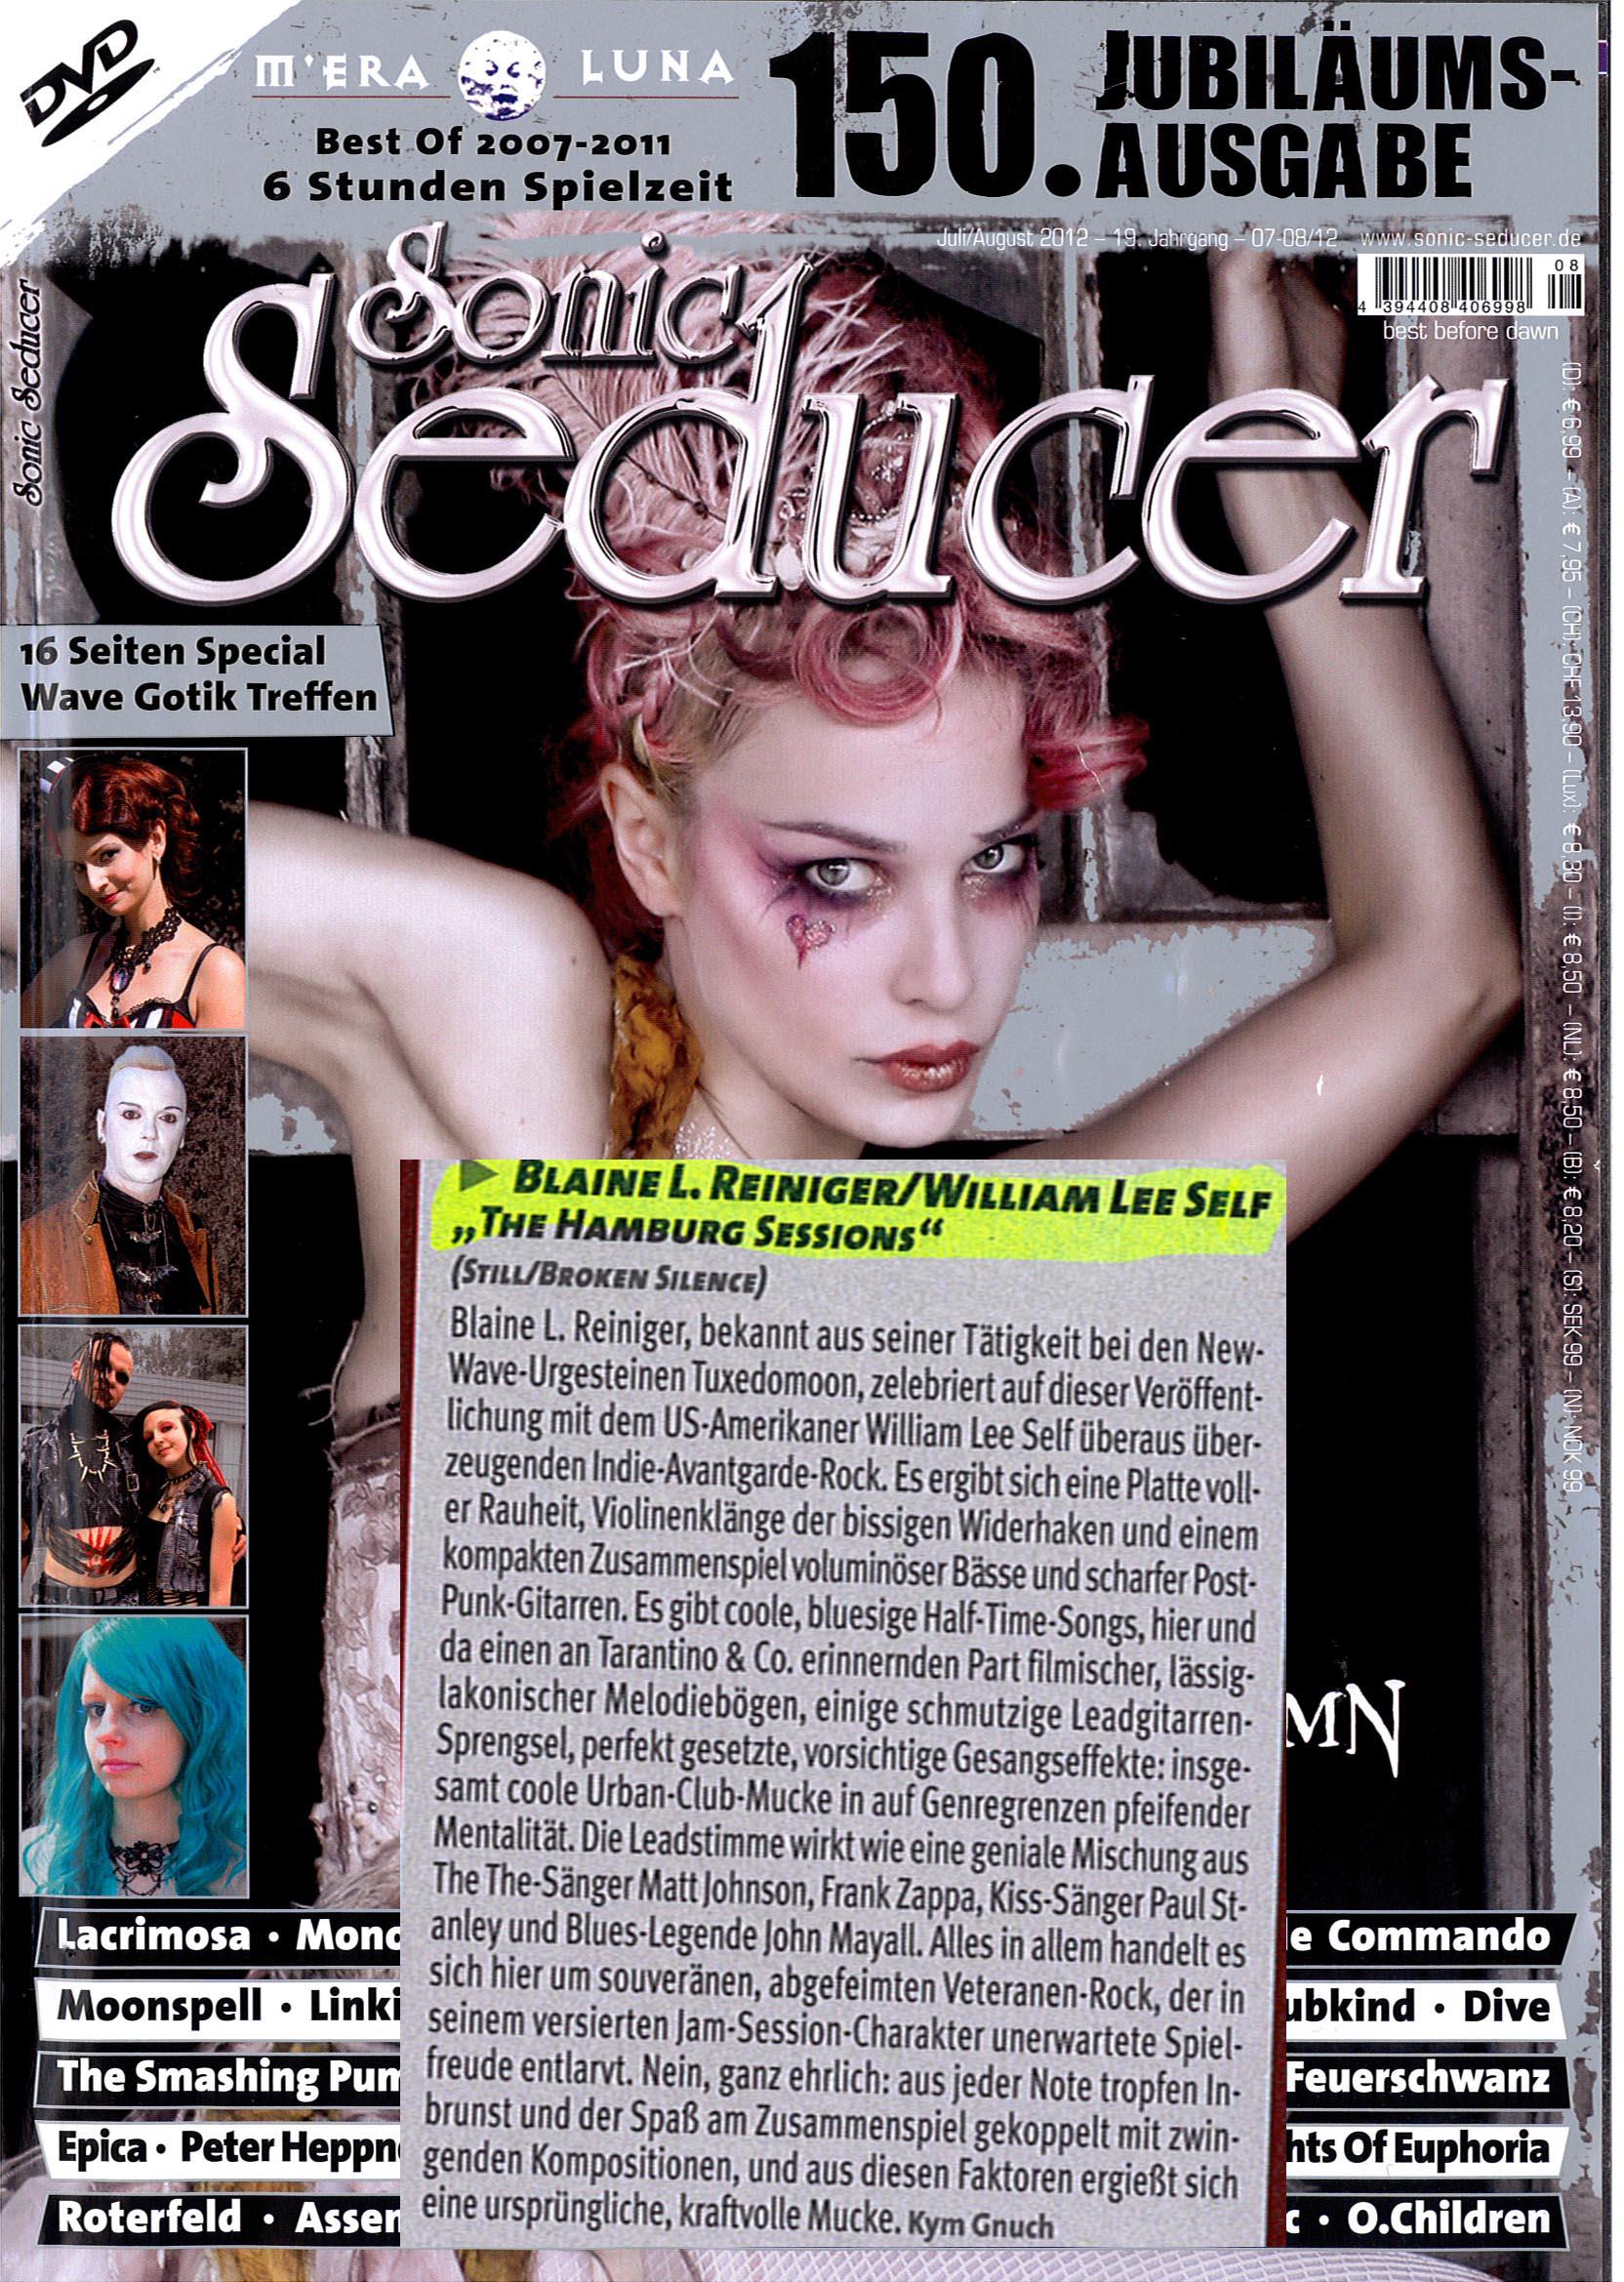 Sonic-Seducer_07-08.12 - Blaine L. Reininger